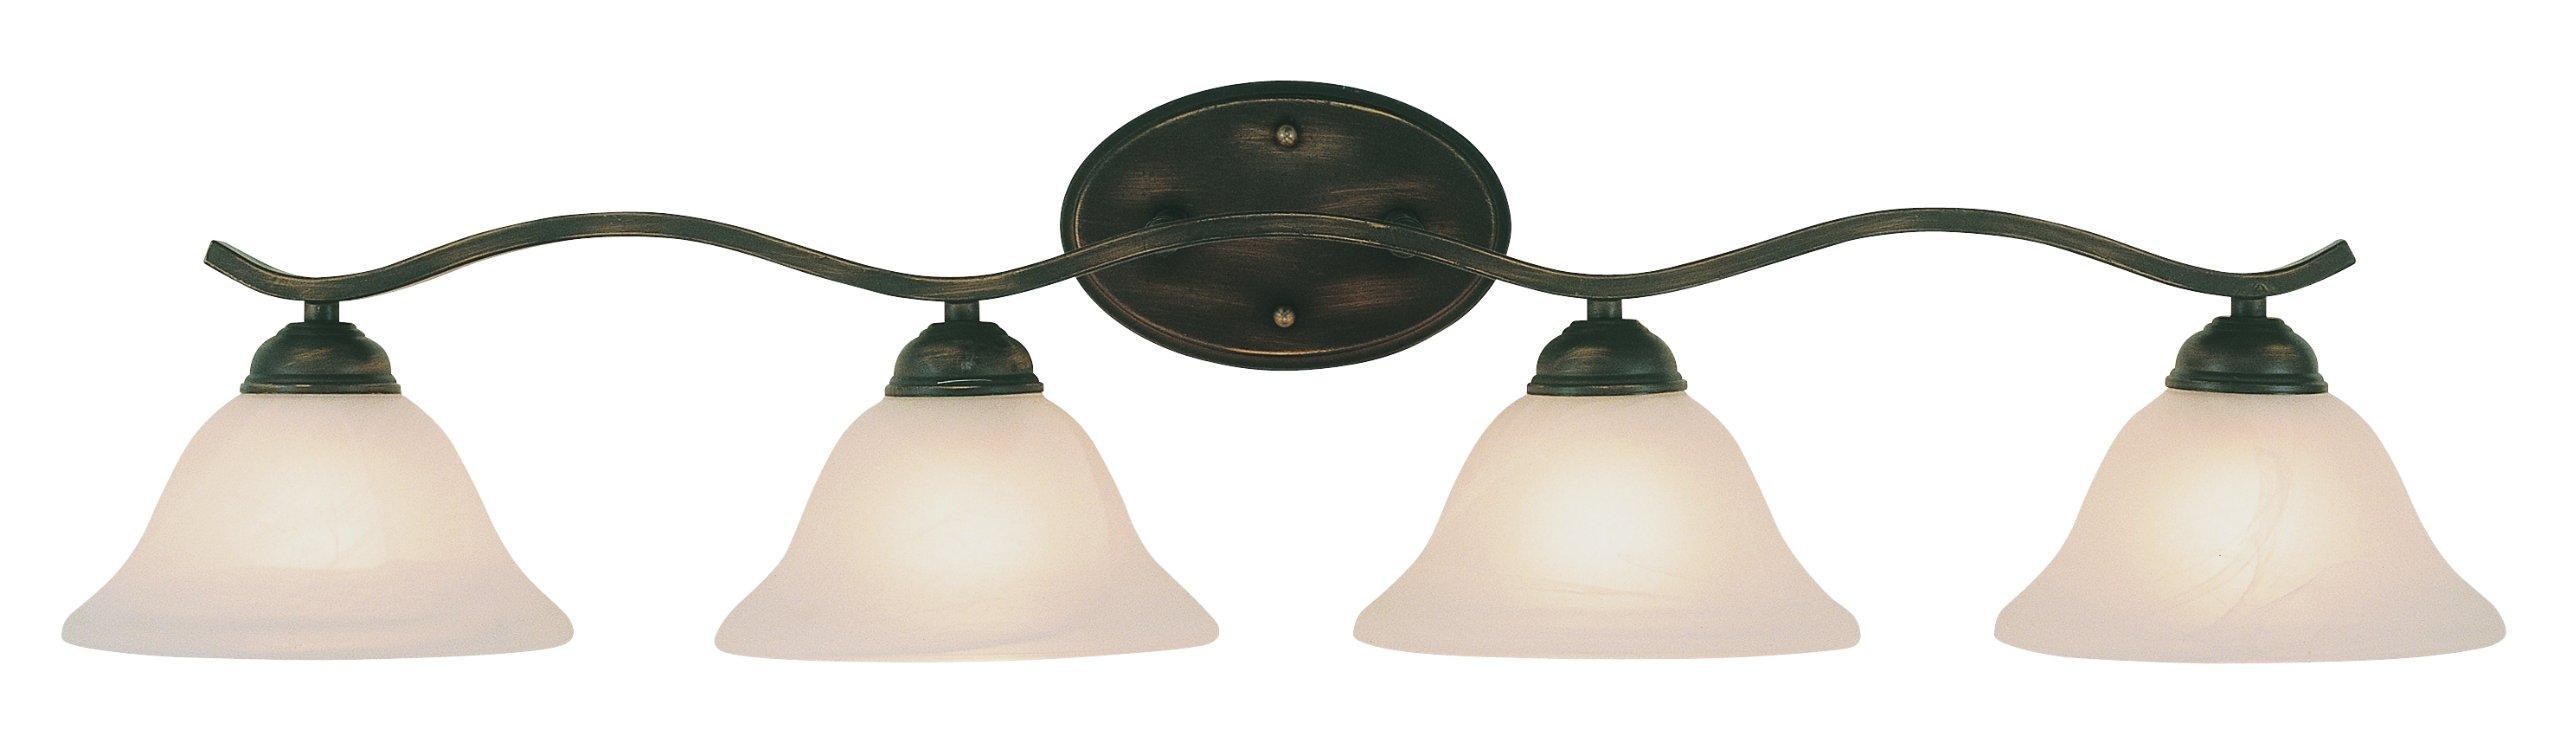 Trans Globe Lighting 2828 BN Indoor  Hollyslope 35'' Vanity Bar, Brushed nickel